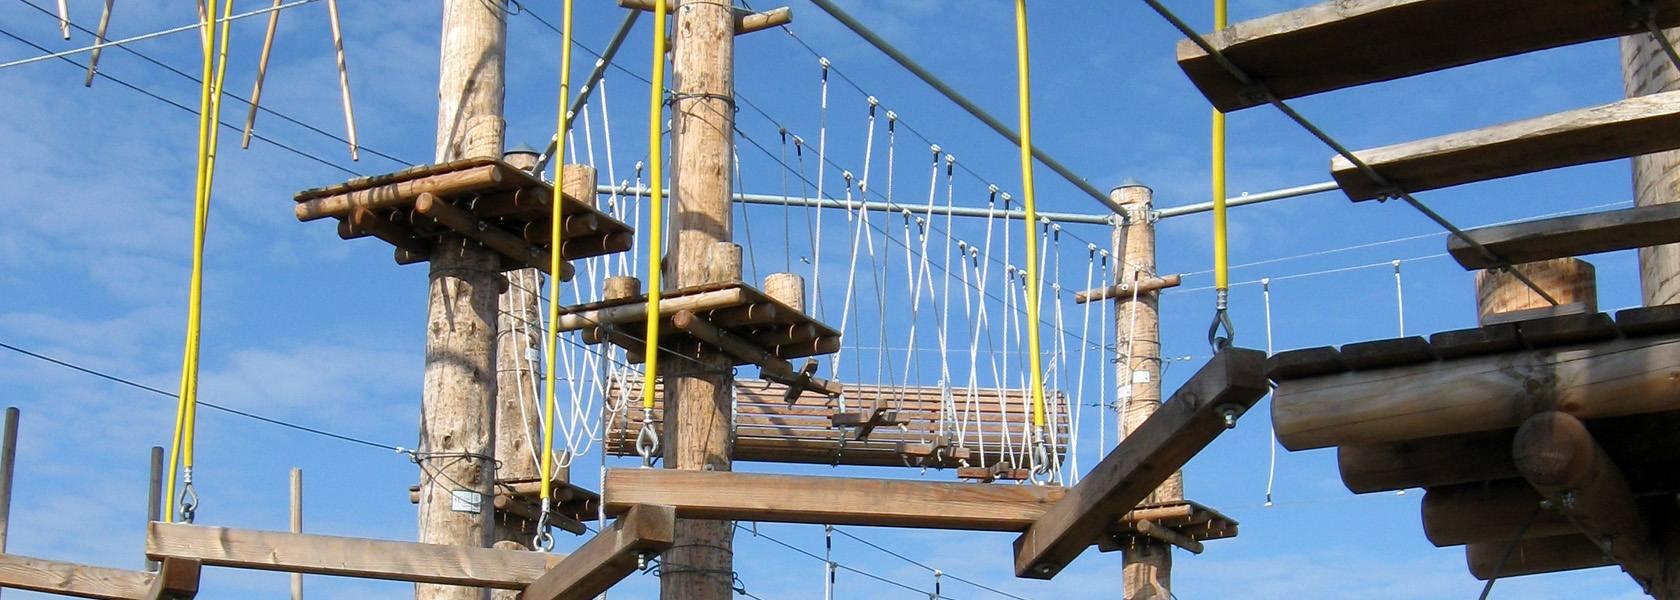 Kletterpark Kraxelmaxel Borkum, © Wirtschaftsbetriebe der Stadt NSHB Borkum GmbH